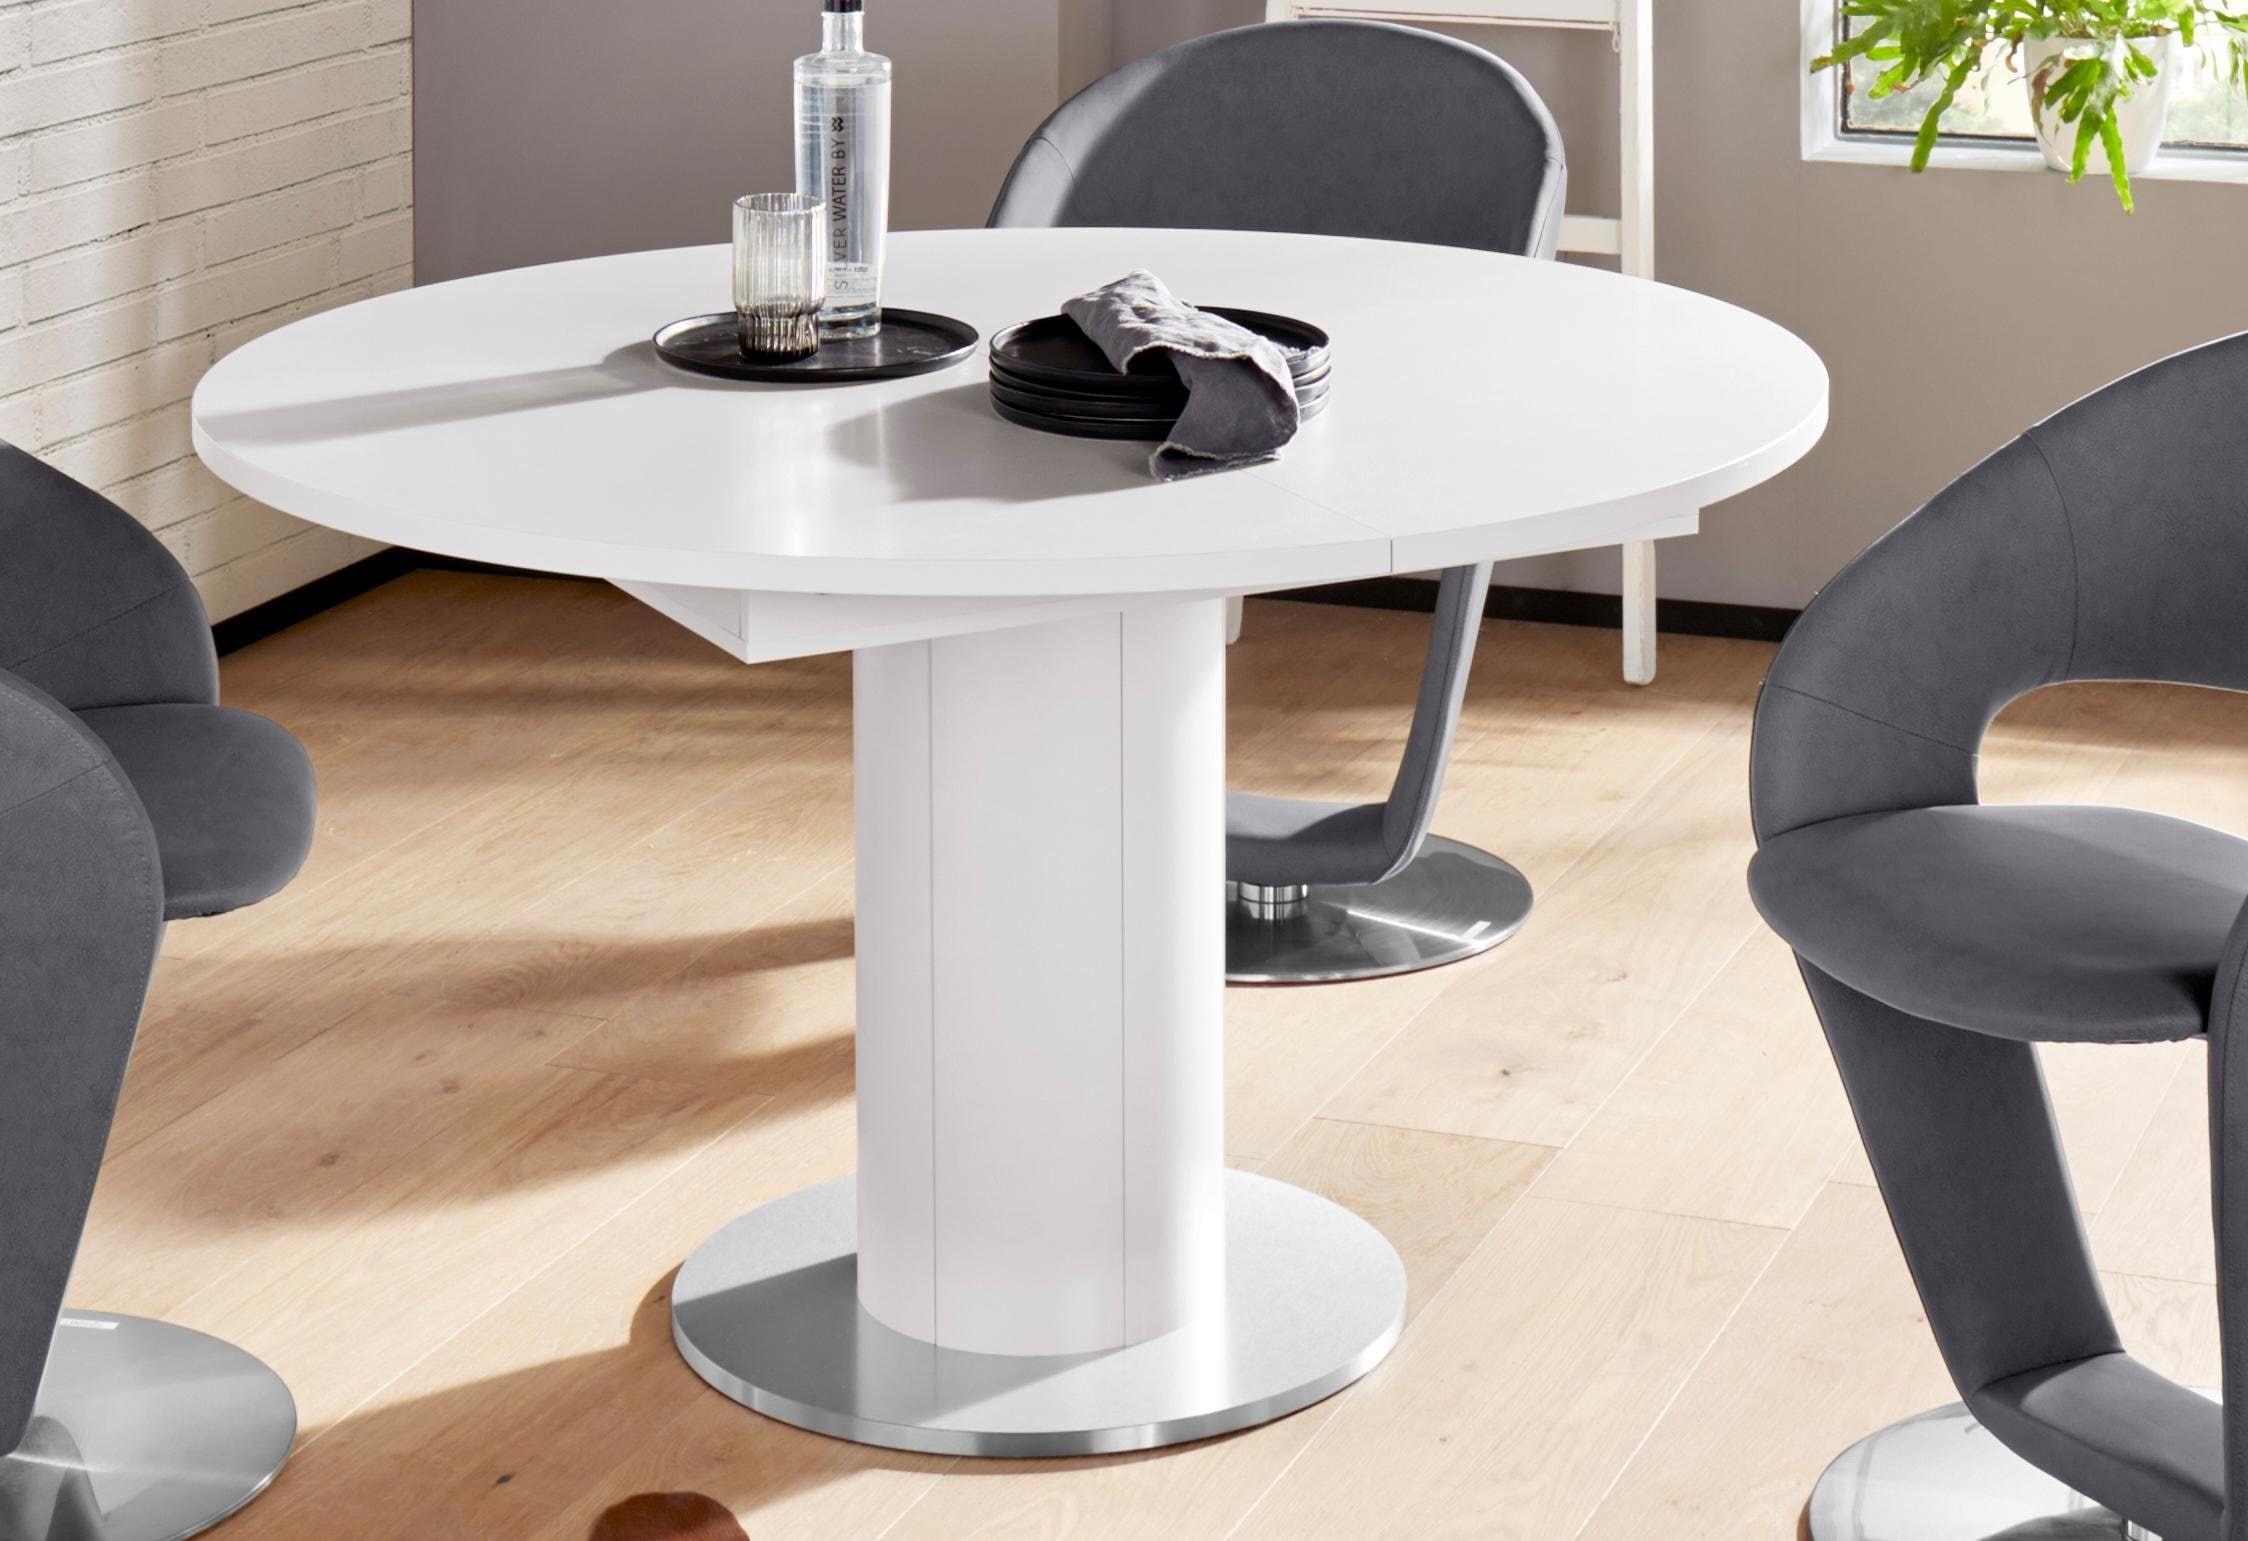 Mäusbacher Esstisch, rund, Untergestell Säule weiß Esstisch Ausziehbare Esstische Tische